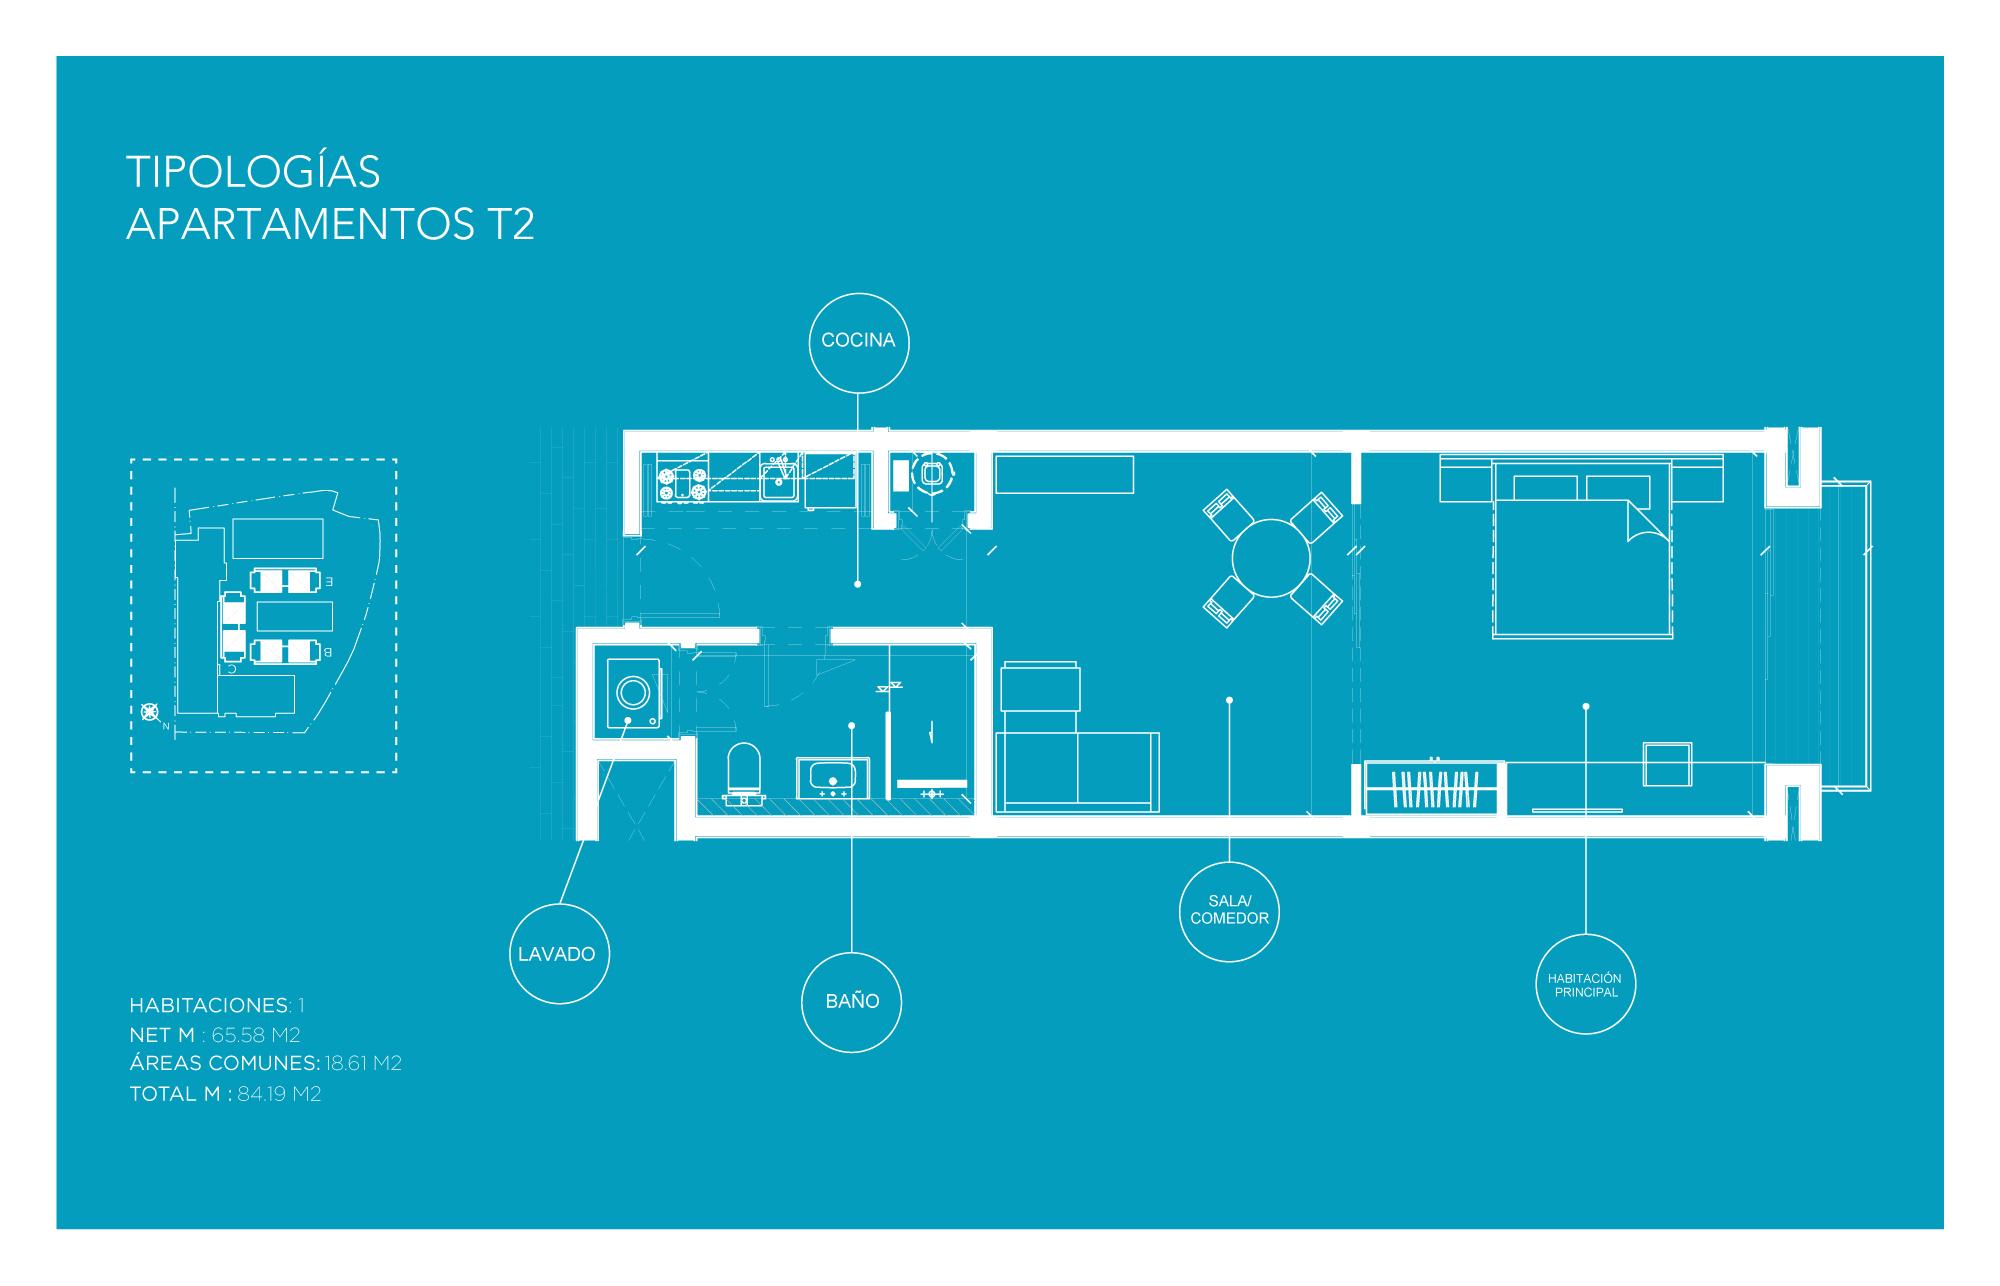 Tipología Apartamento T2 – 1 habitación